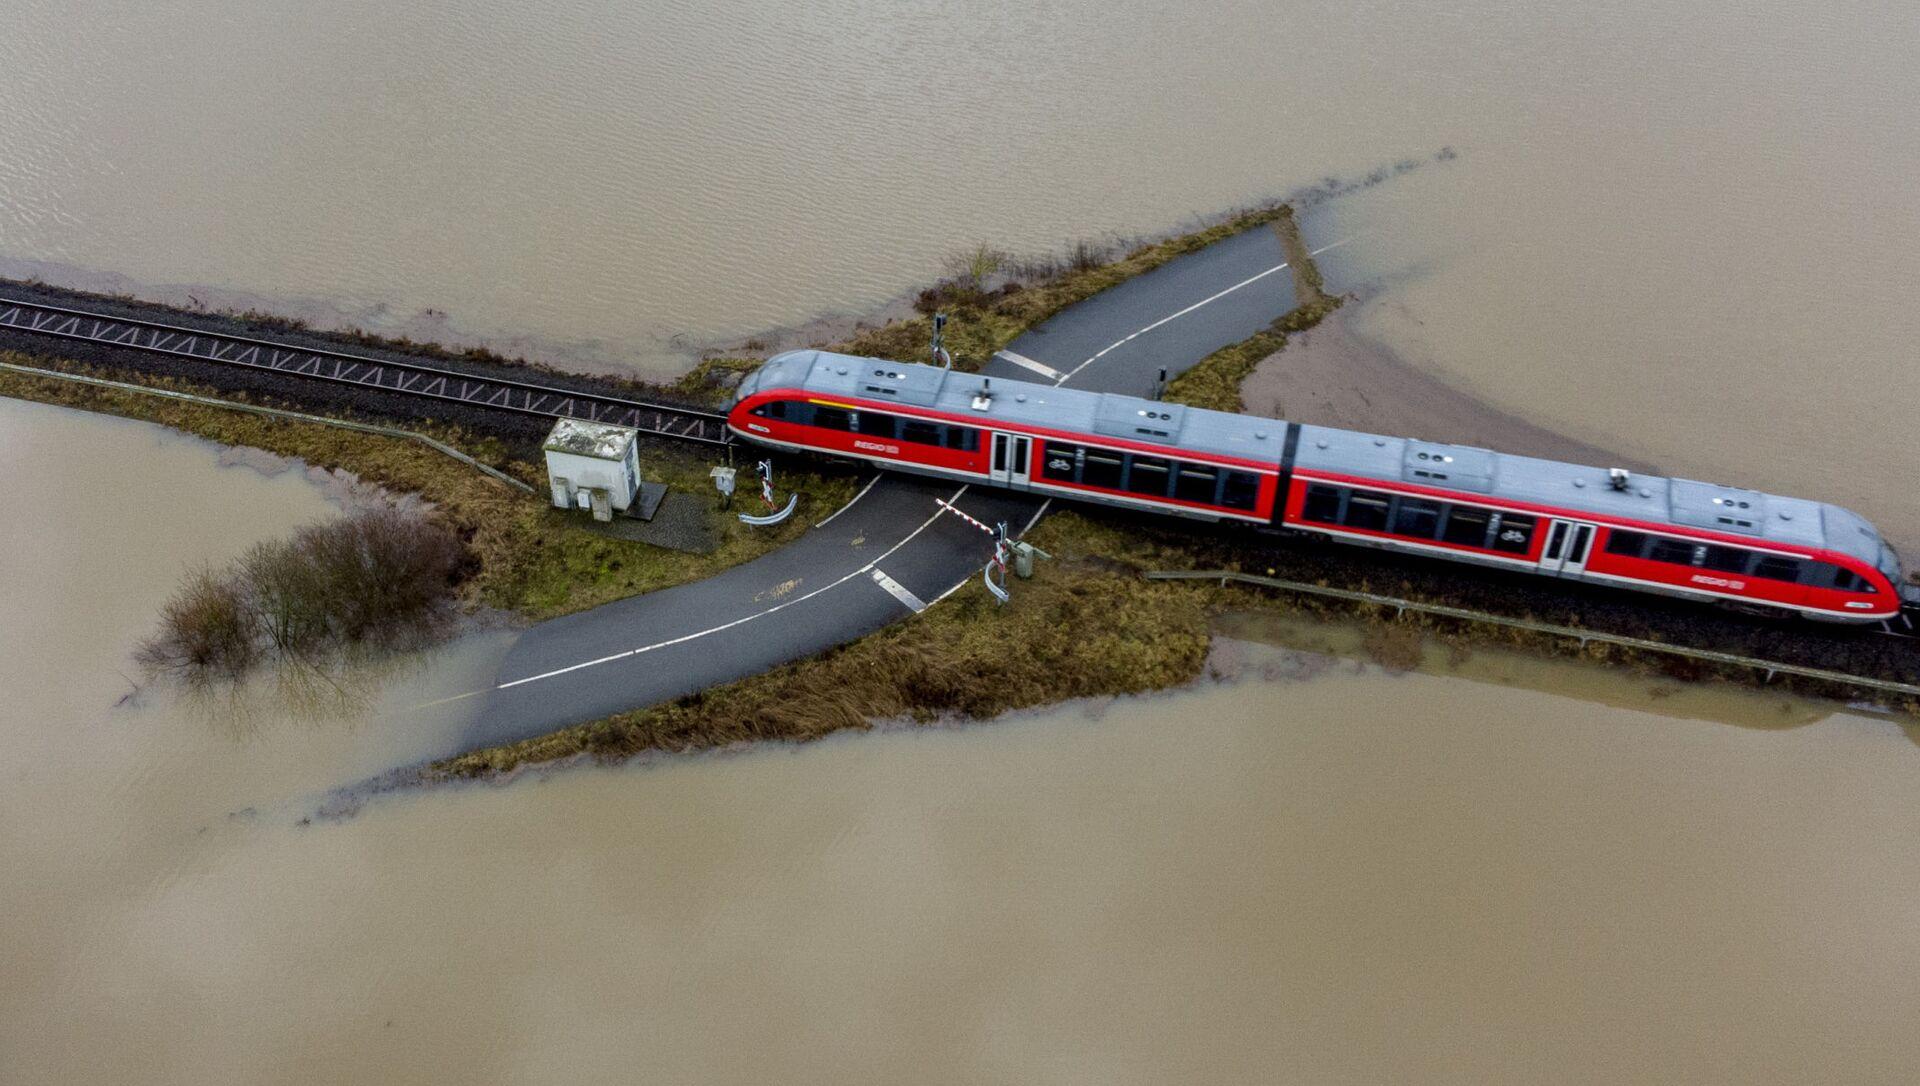 Поезд проезжает по железной дороге на затопленной местности в Германии  - Sputnik Italia, 1920, 13.05.2021